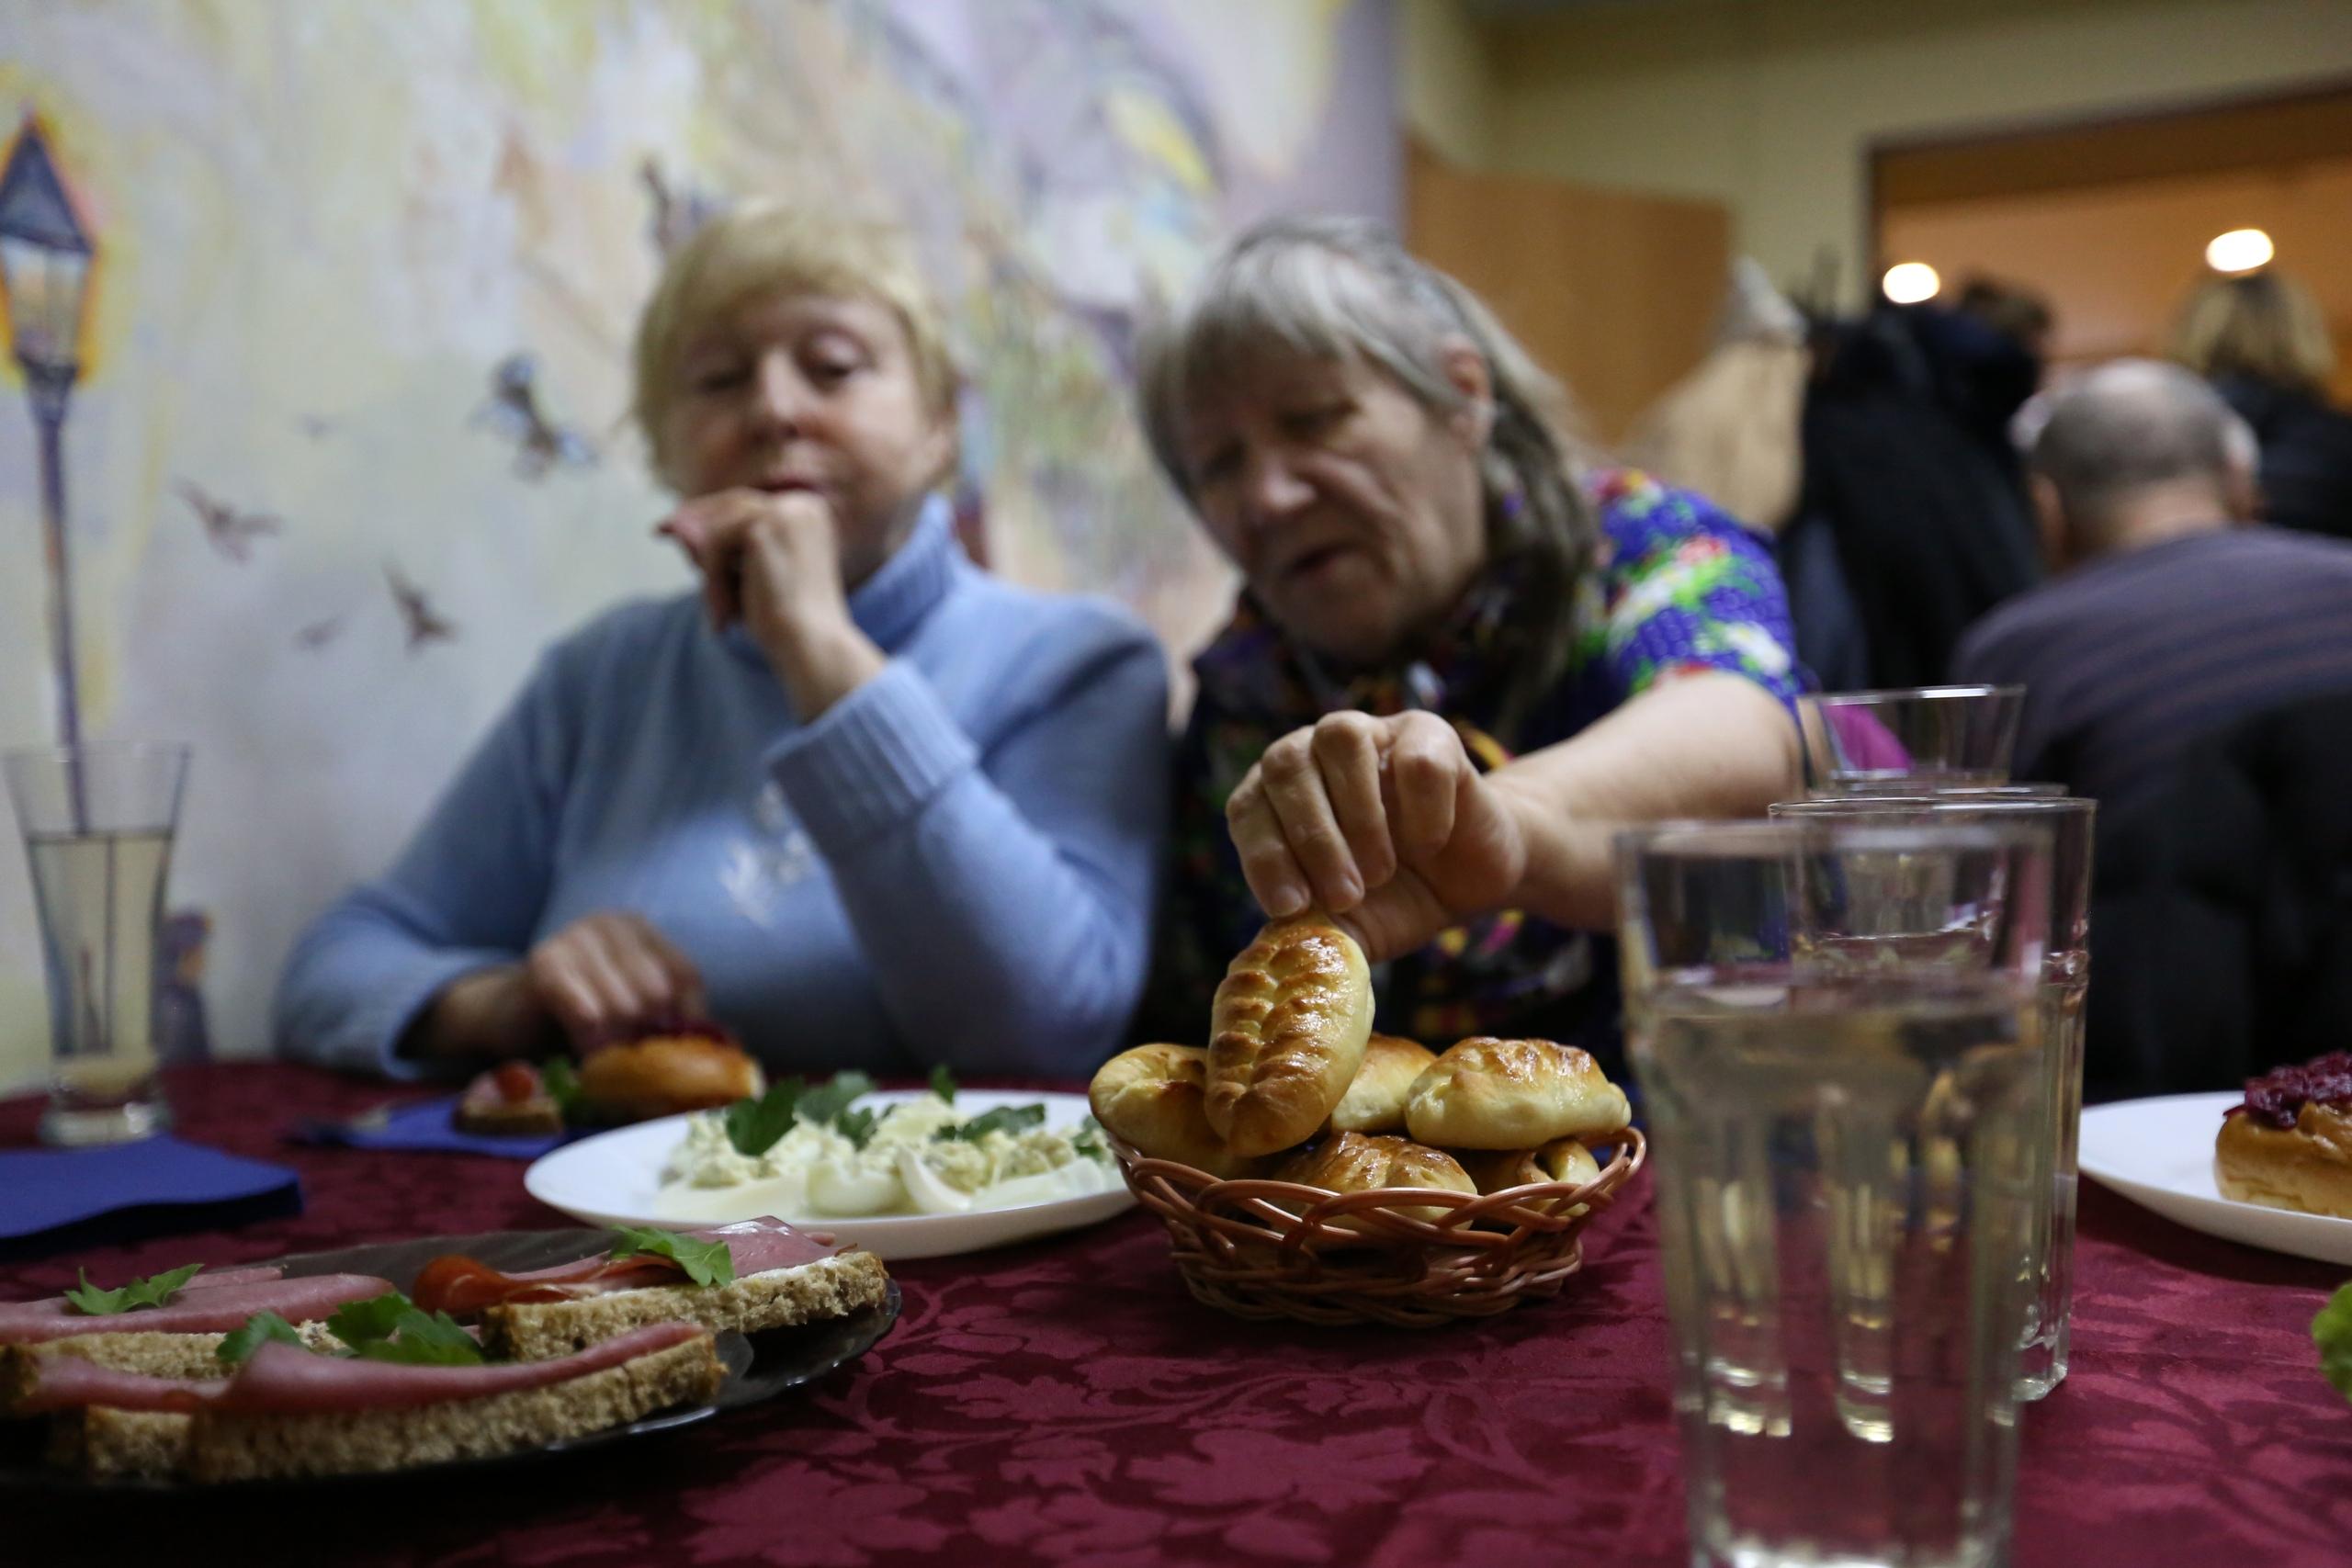 Ланч и никакого бизнеса: в Питере открыли кафе, где стариков кормят бесплатно